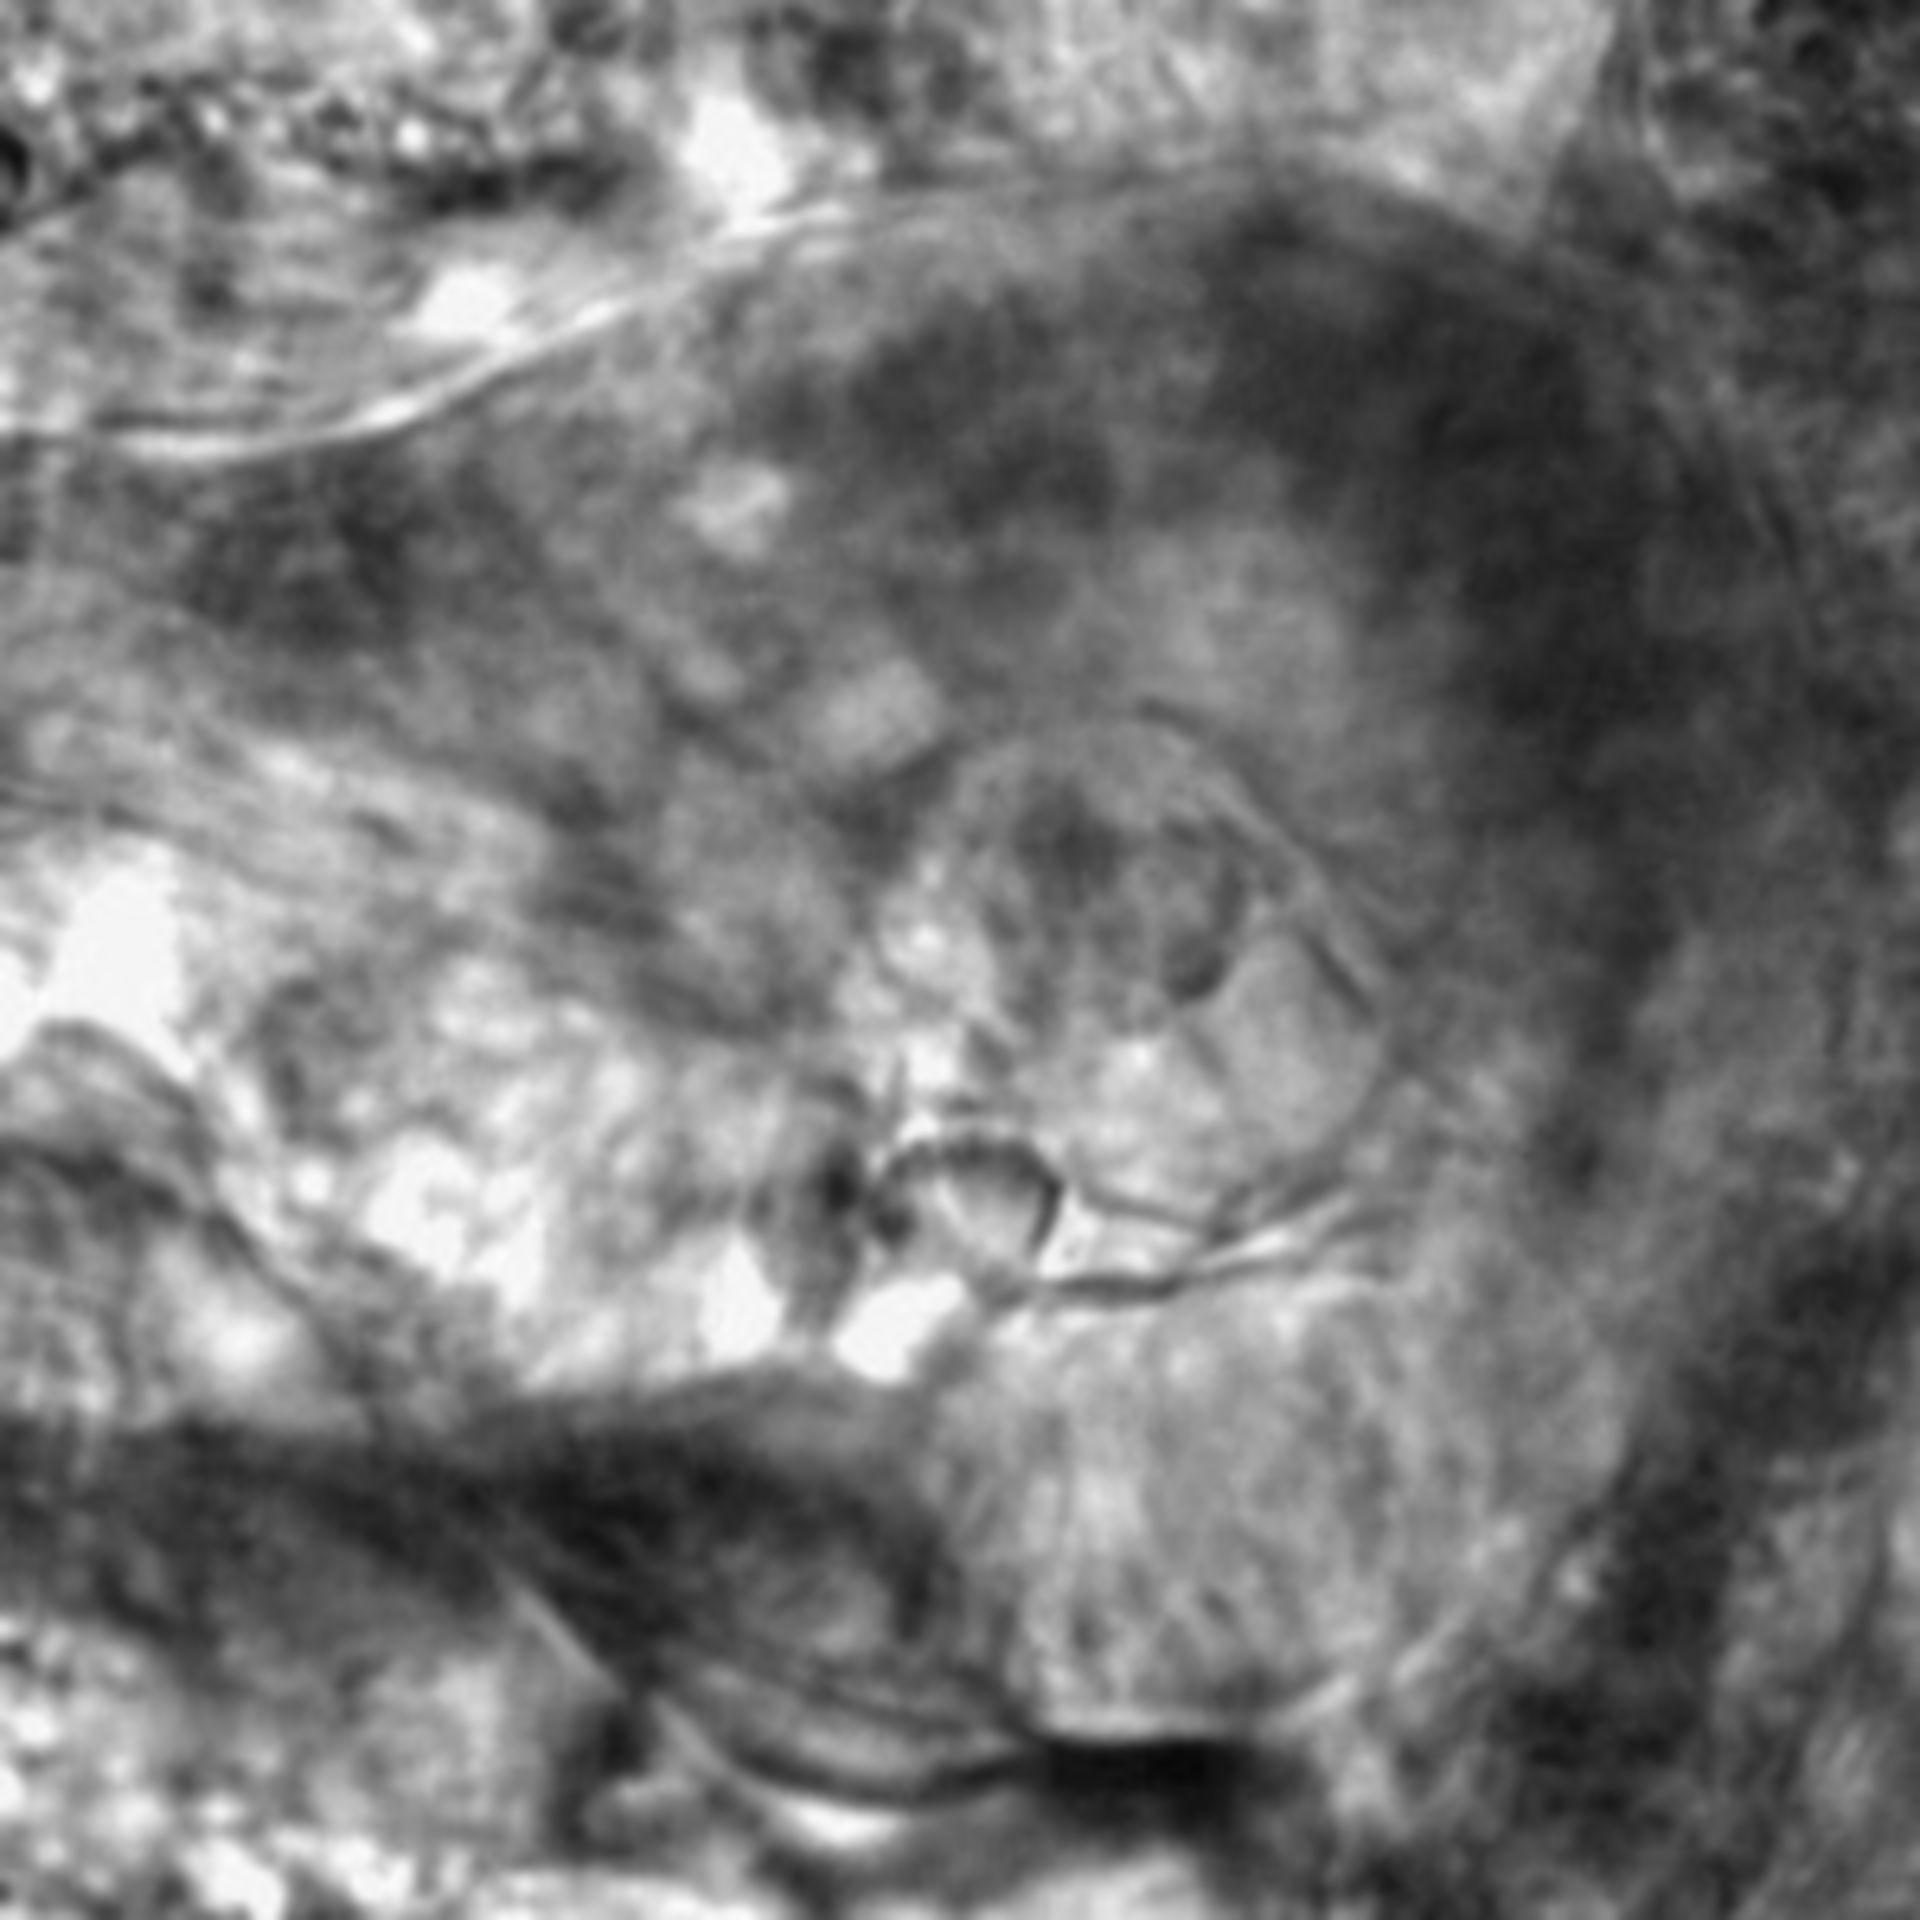 Caenorhabditis elegans - CIL:2834